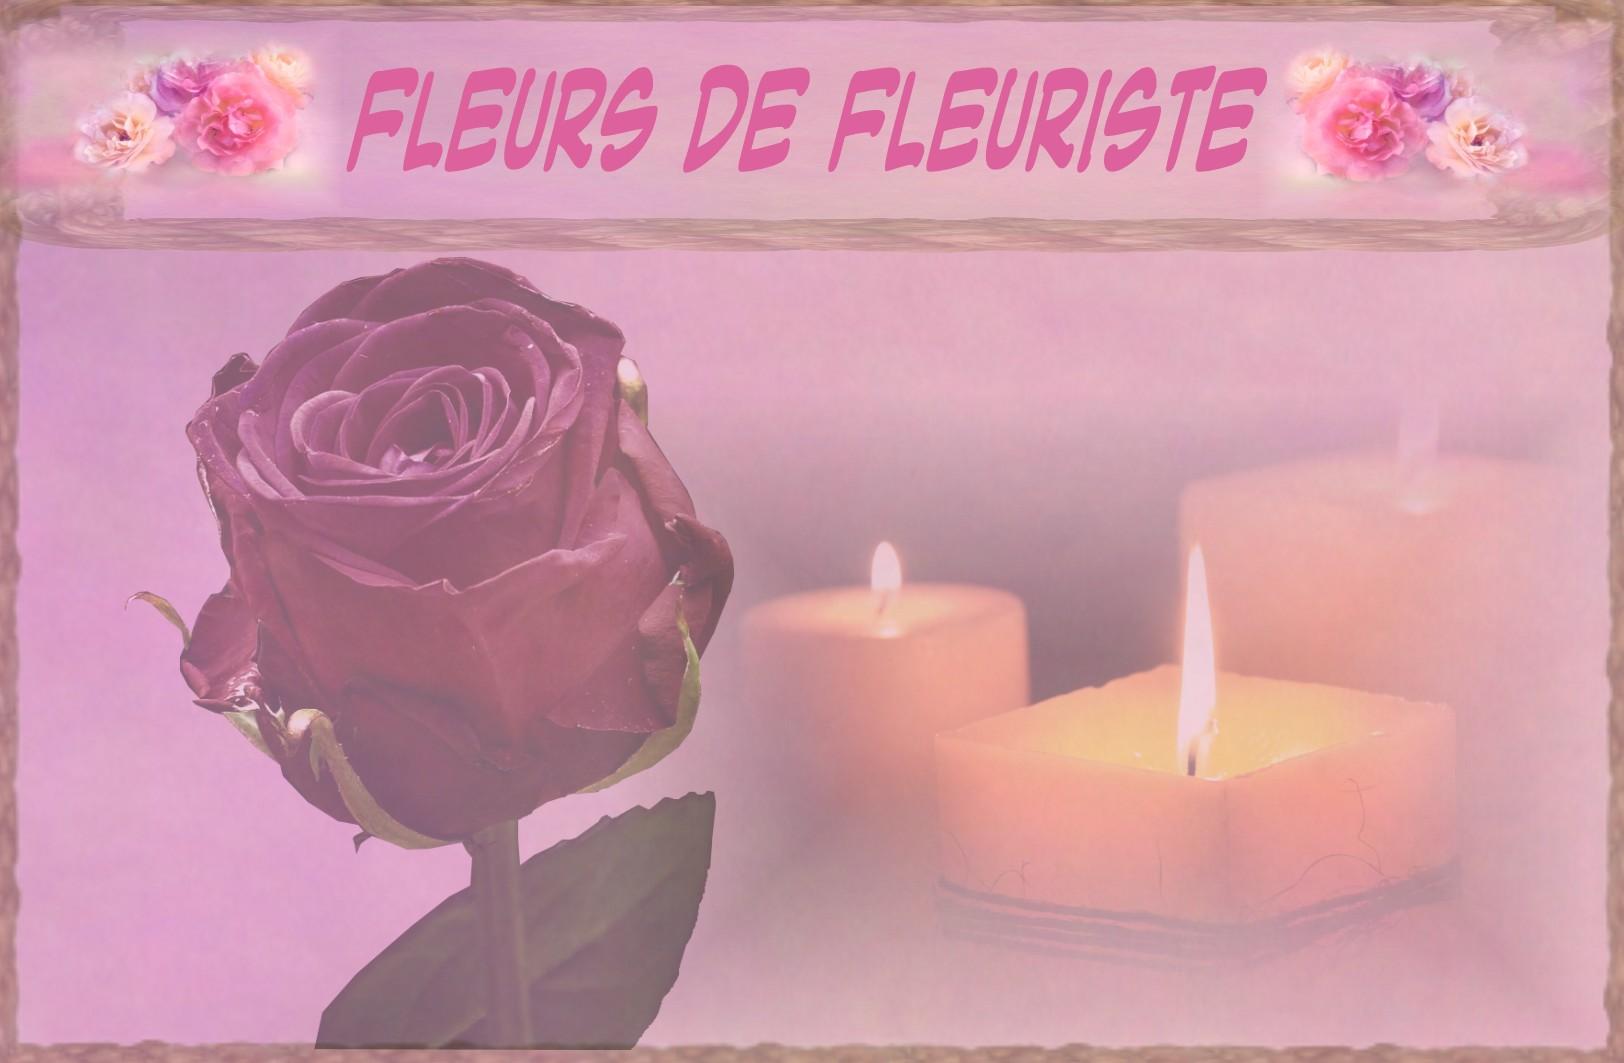 FLEURS DEUIL SÈTE 34 -  ENVOYER FLEURS OBSÈQUES SÈTE 34 - ENVOI FLEURS POUR UN ENTERREMENT A SÈTE 34 - FLEURS POUR DEUIL A SÈTE 34 - FLEURS POUR CREMATION SÈTE 34  - livrer des fleurs pour un deuil, des obsèques, un enterrement, une crémation par un fleuriste de SÈTE 34